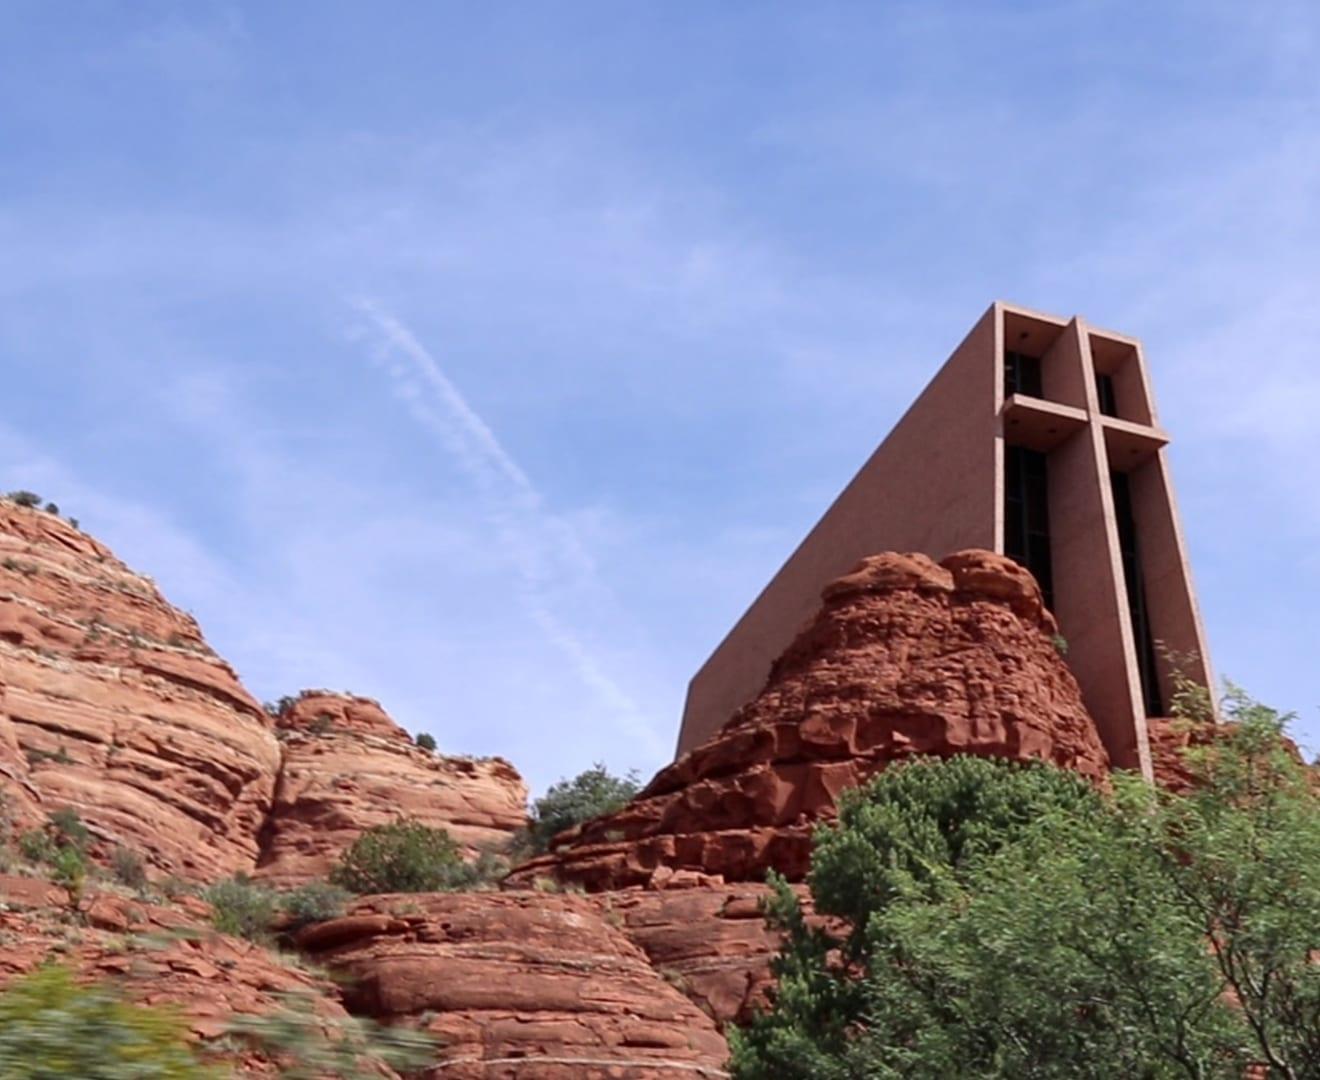 Chapel of the Holy Cross Sedona Vortex Sedona Things to do